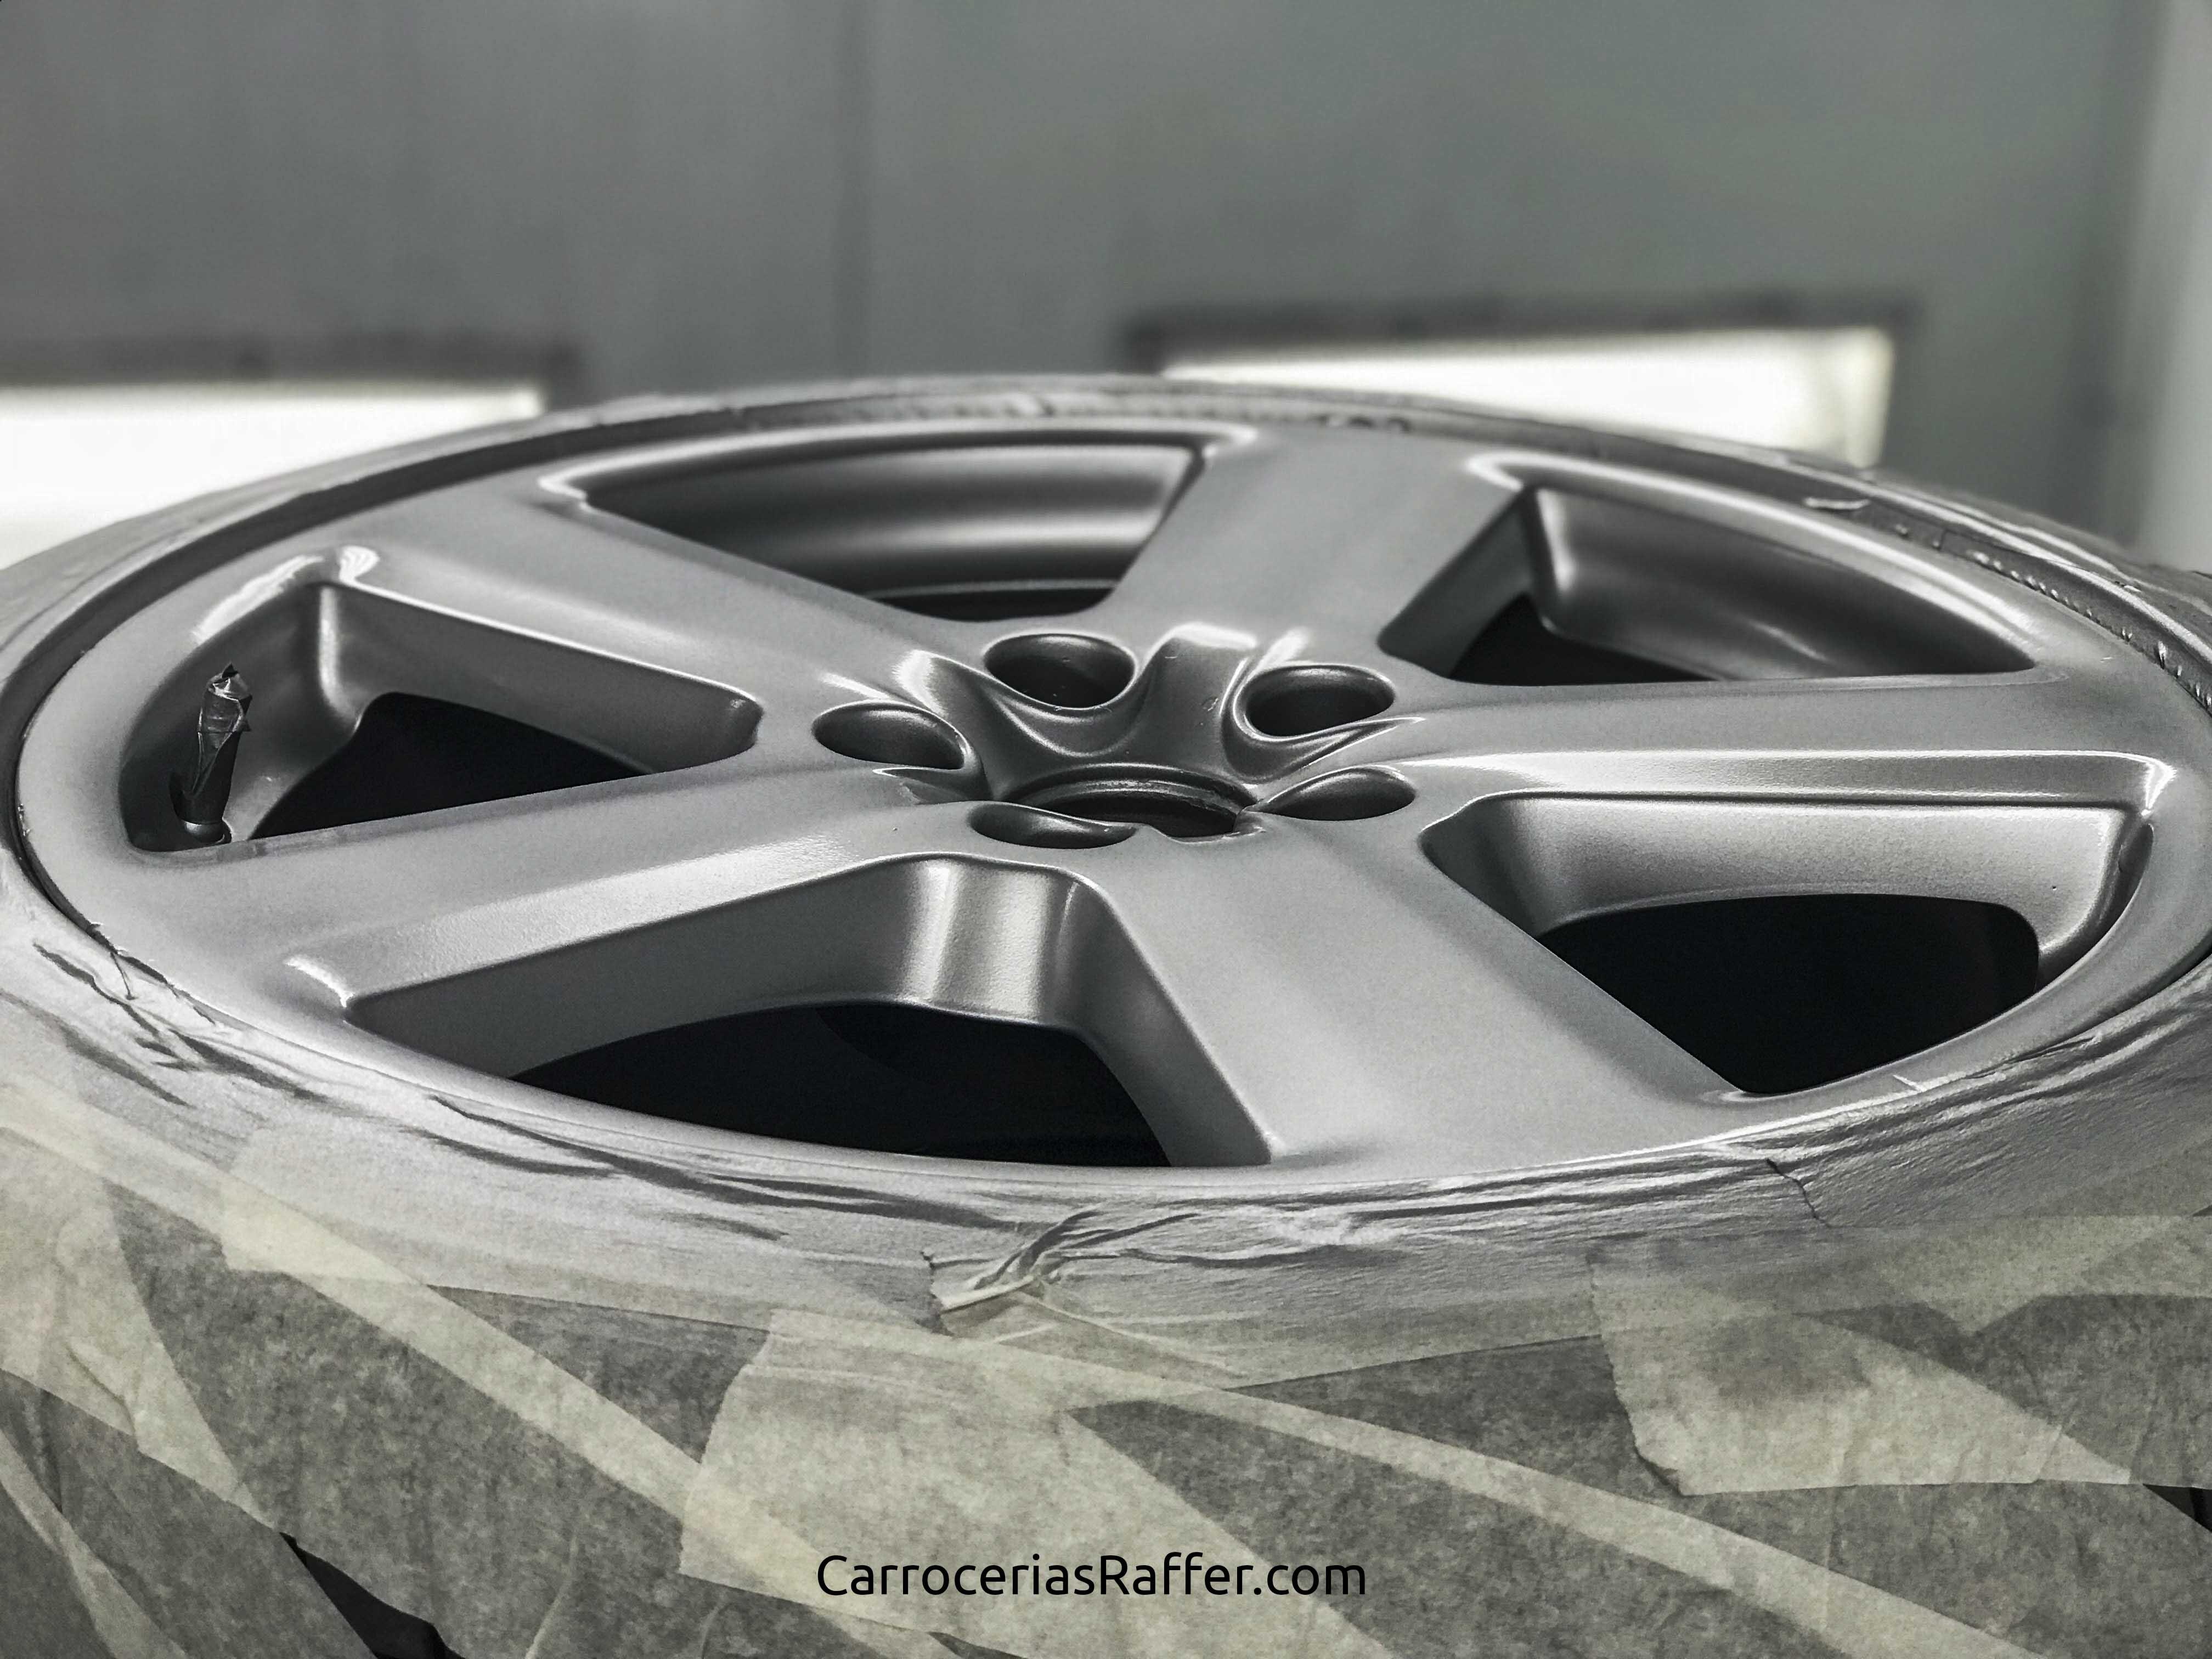 2 pintar ruedas carrocerias raffer hernani gipuzkoa